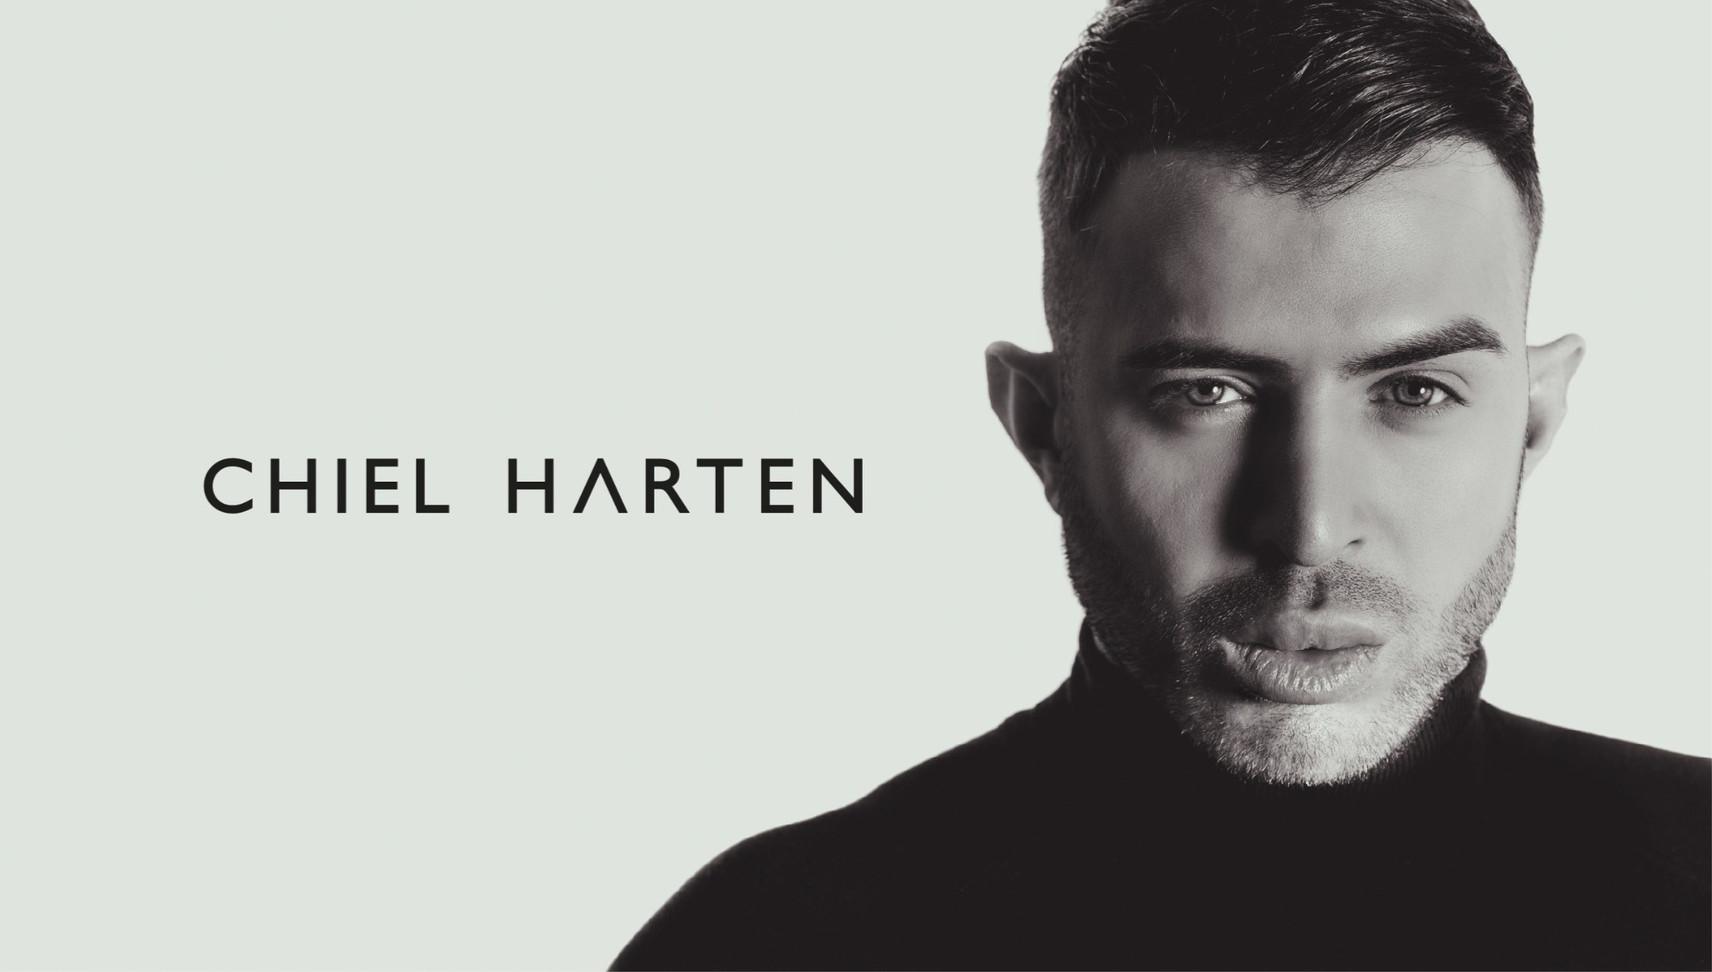 CHIEL HARTEN